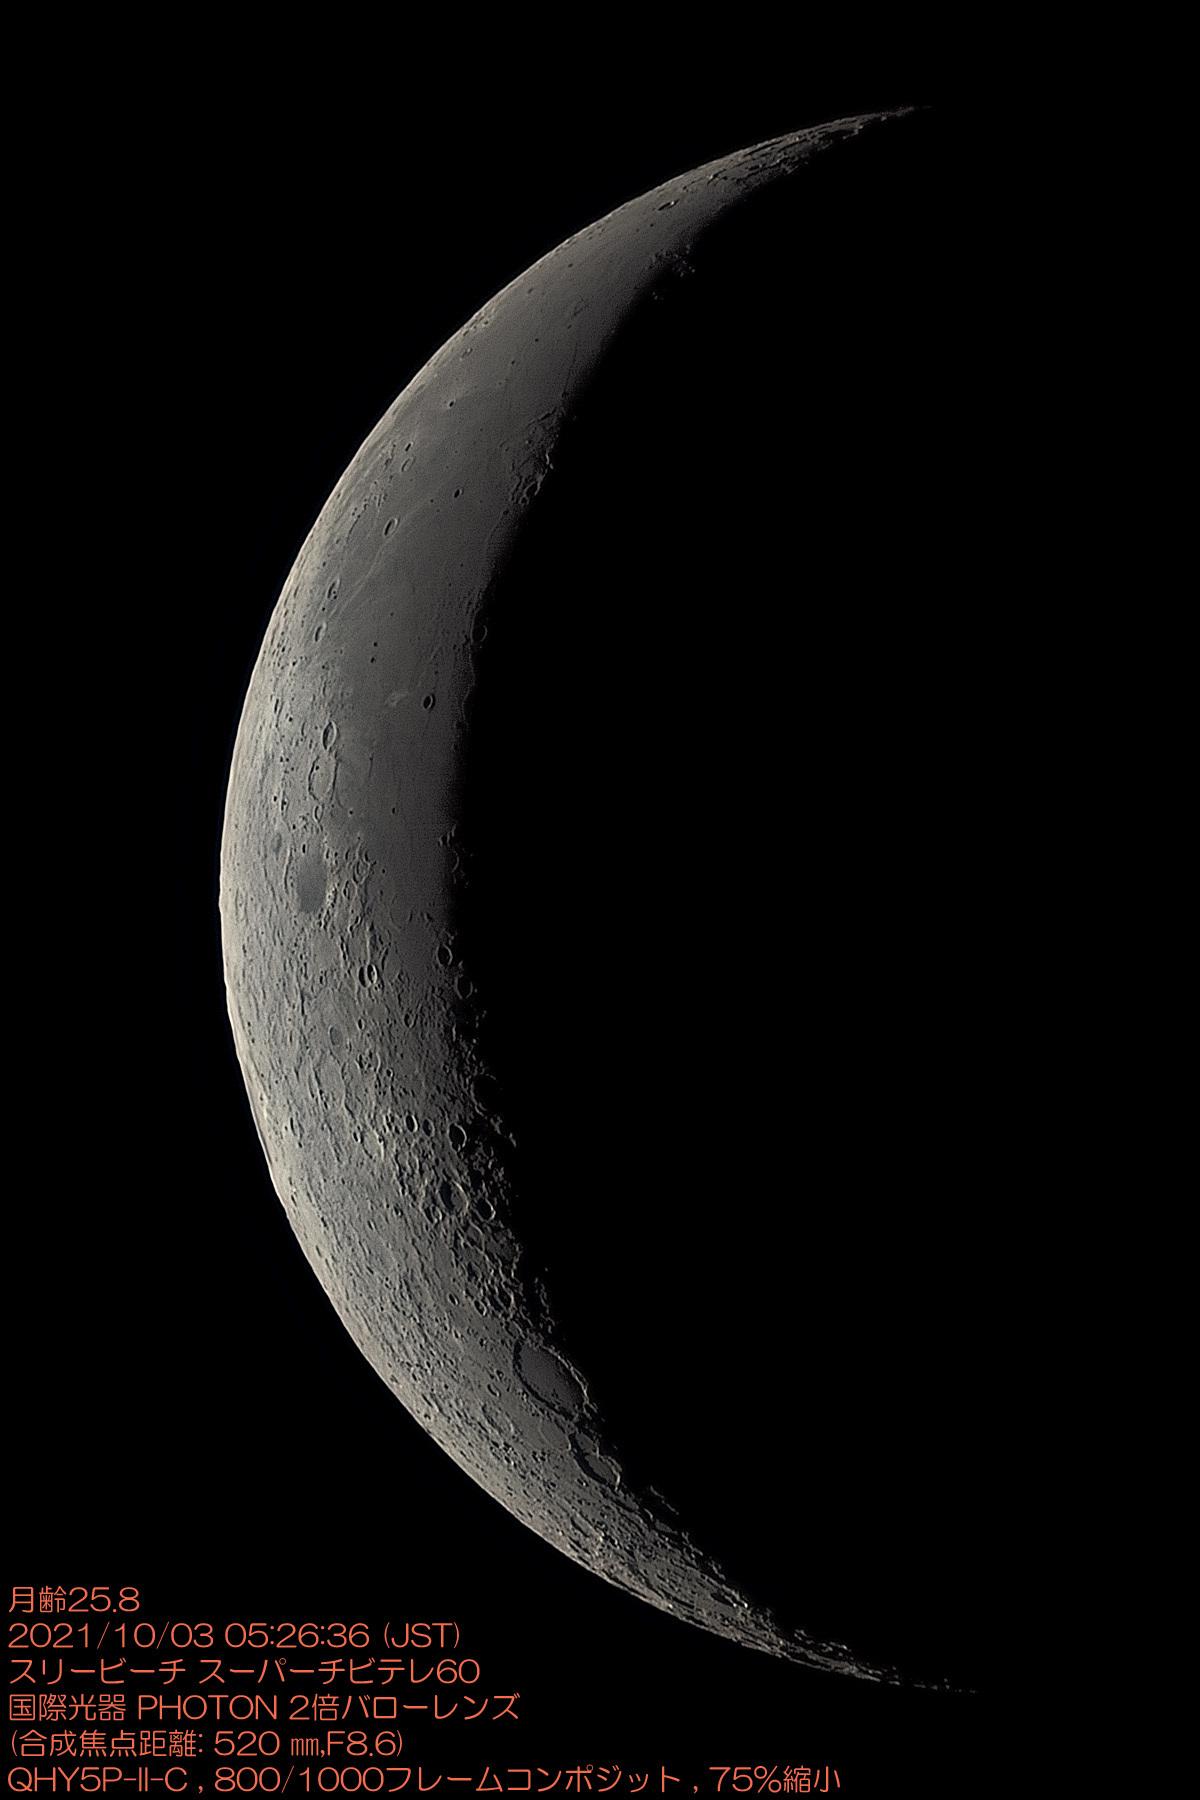 2021年10月3日早朝 月齢25.8